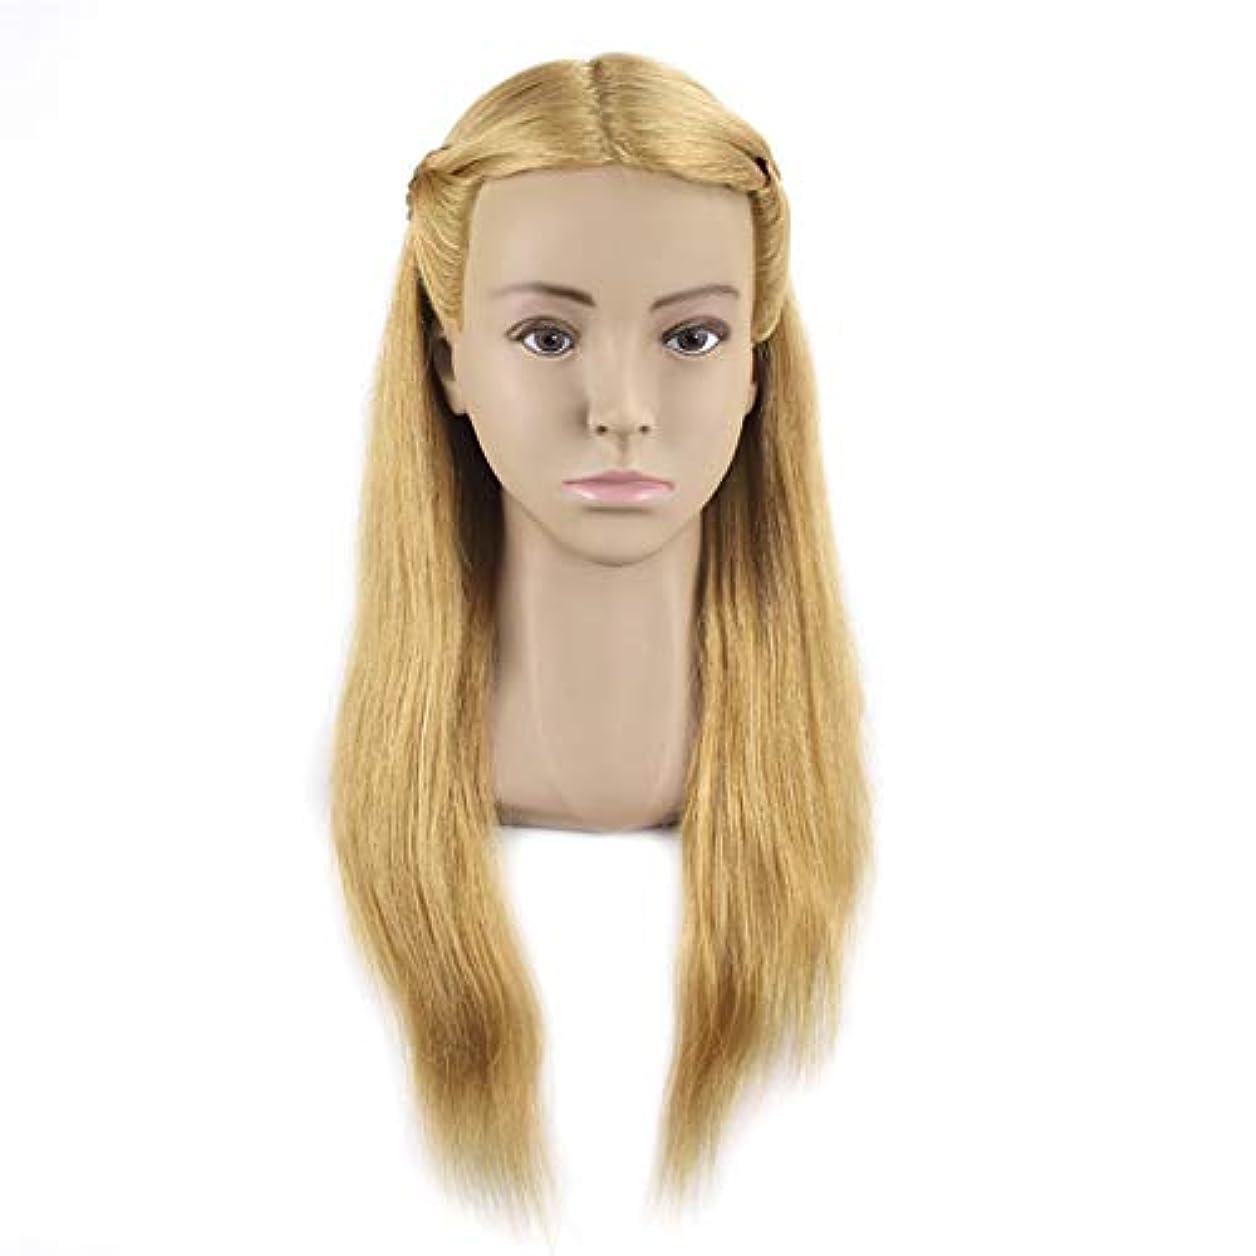 離すスリット何でも完全な人毛ヘアスタイリングモデルヘッド女性モデルヘッドティーチングヘッド理髪店編組髪染め学習ダミーヘッド